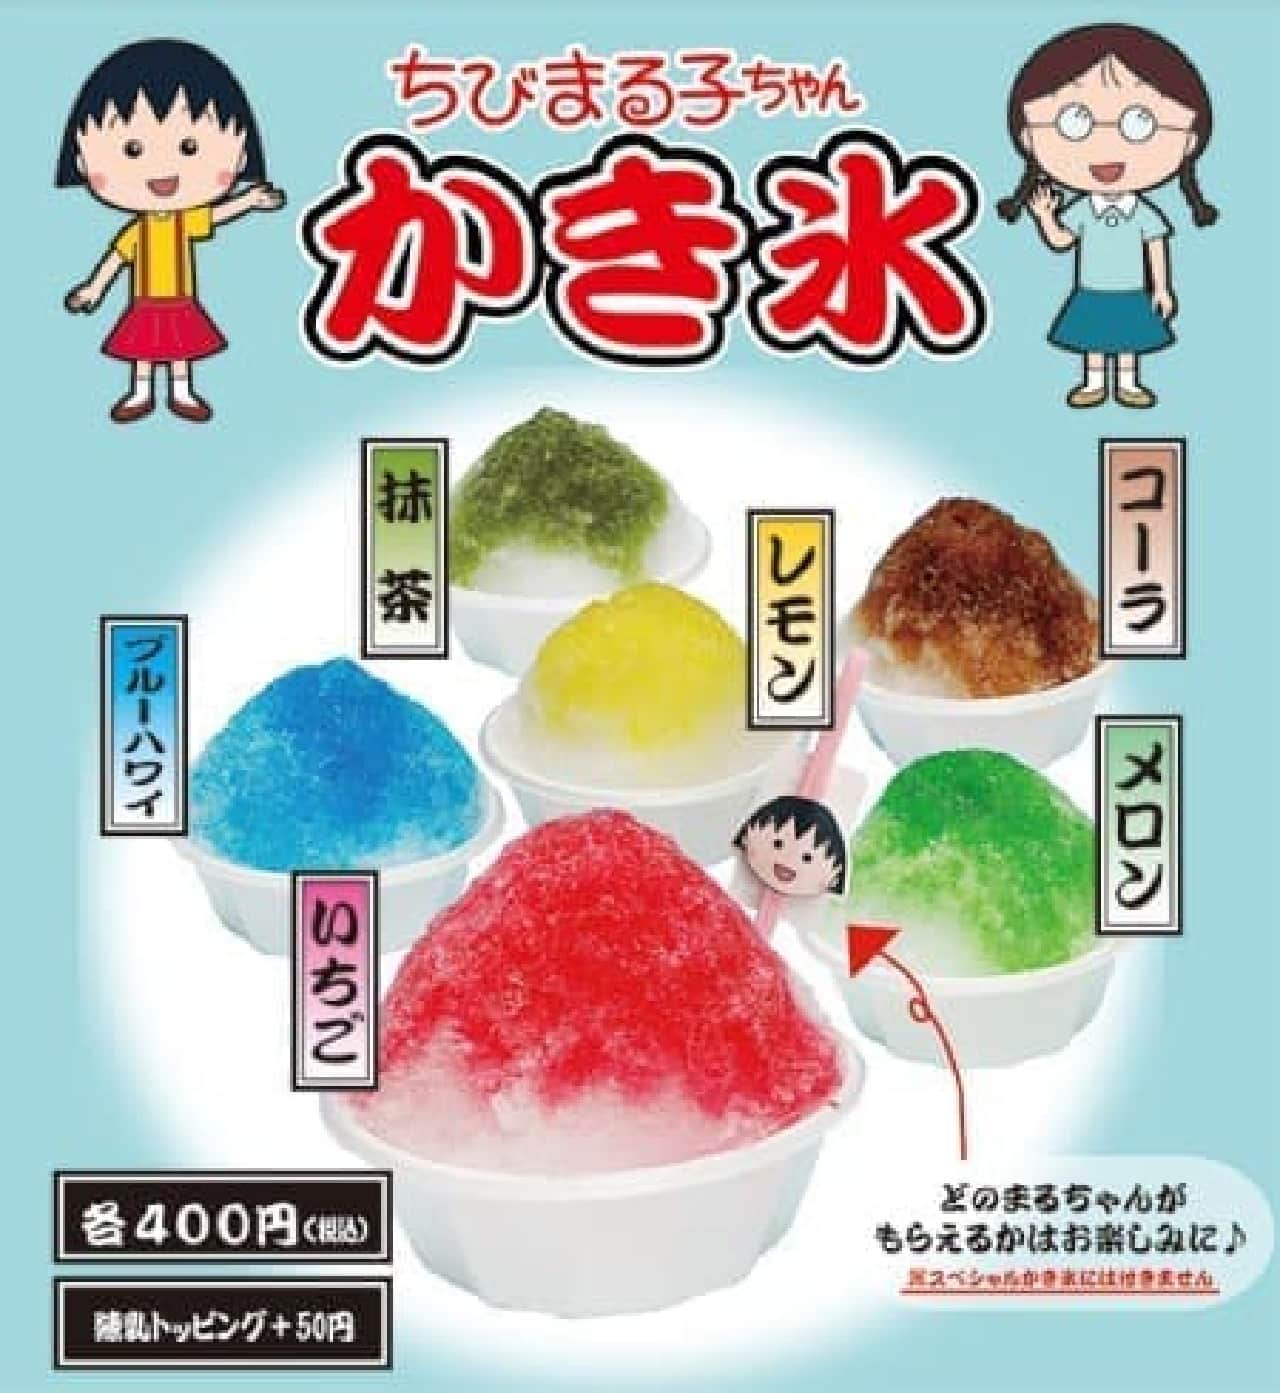 フジテレビの夏イベントに「ちびまる子ちゃんかき氷」